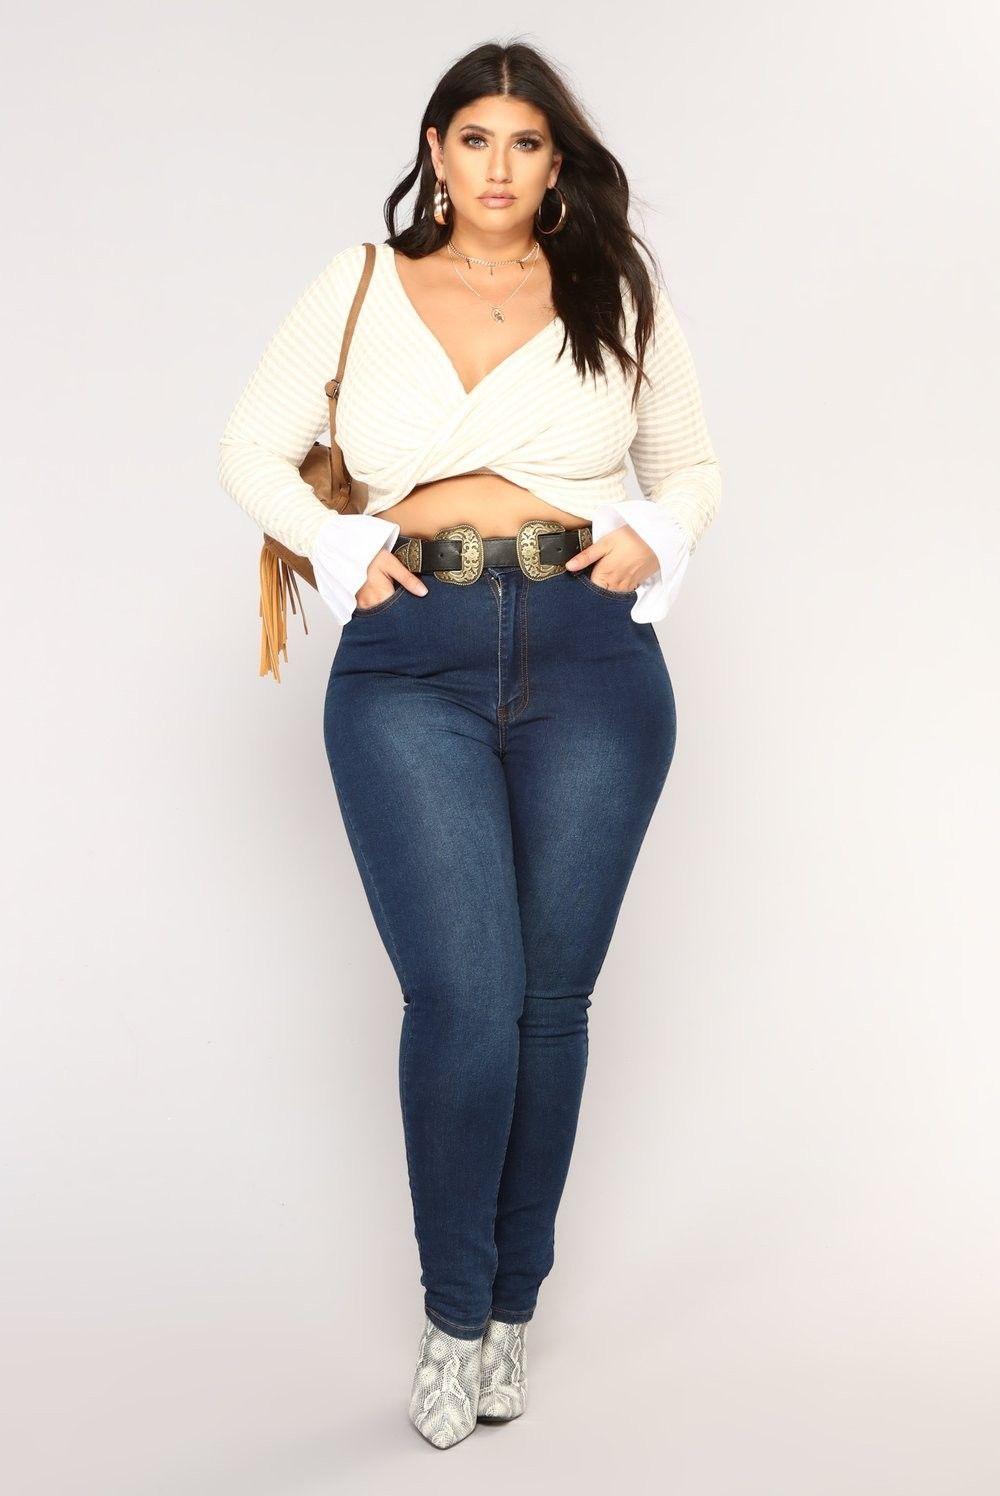 Outfits inspirados en Chiquis Rivera para lucir esas curvas con jeans altos